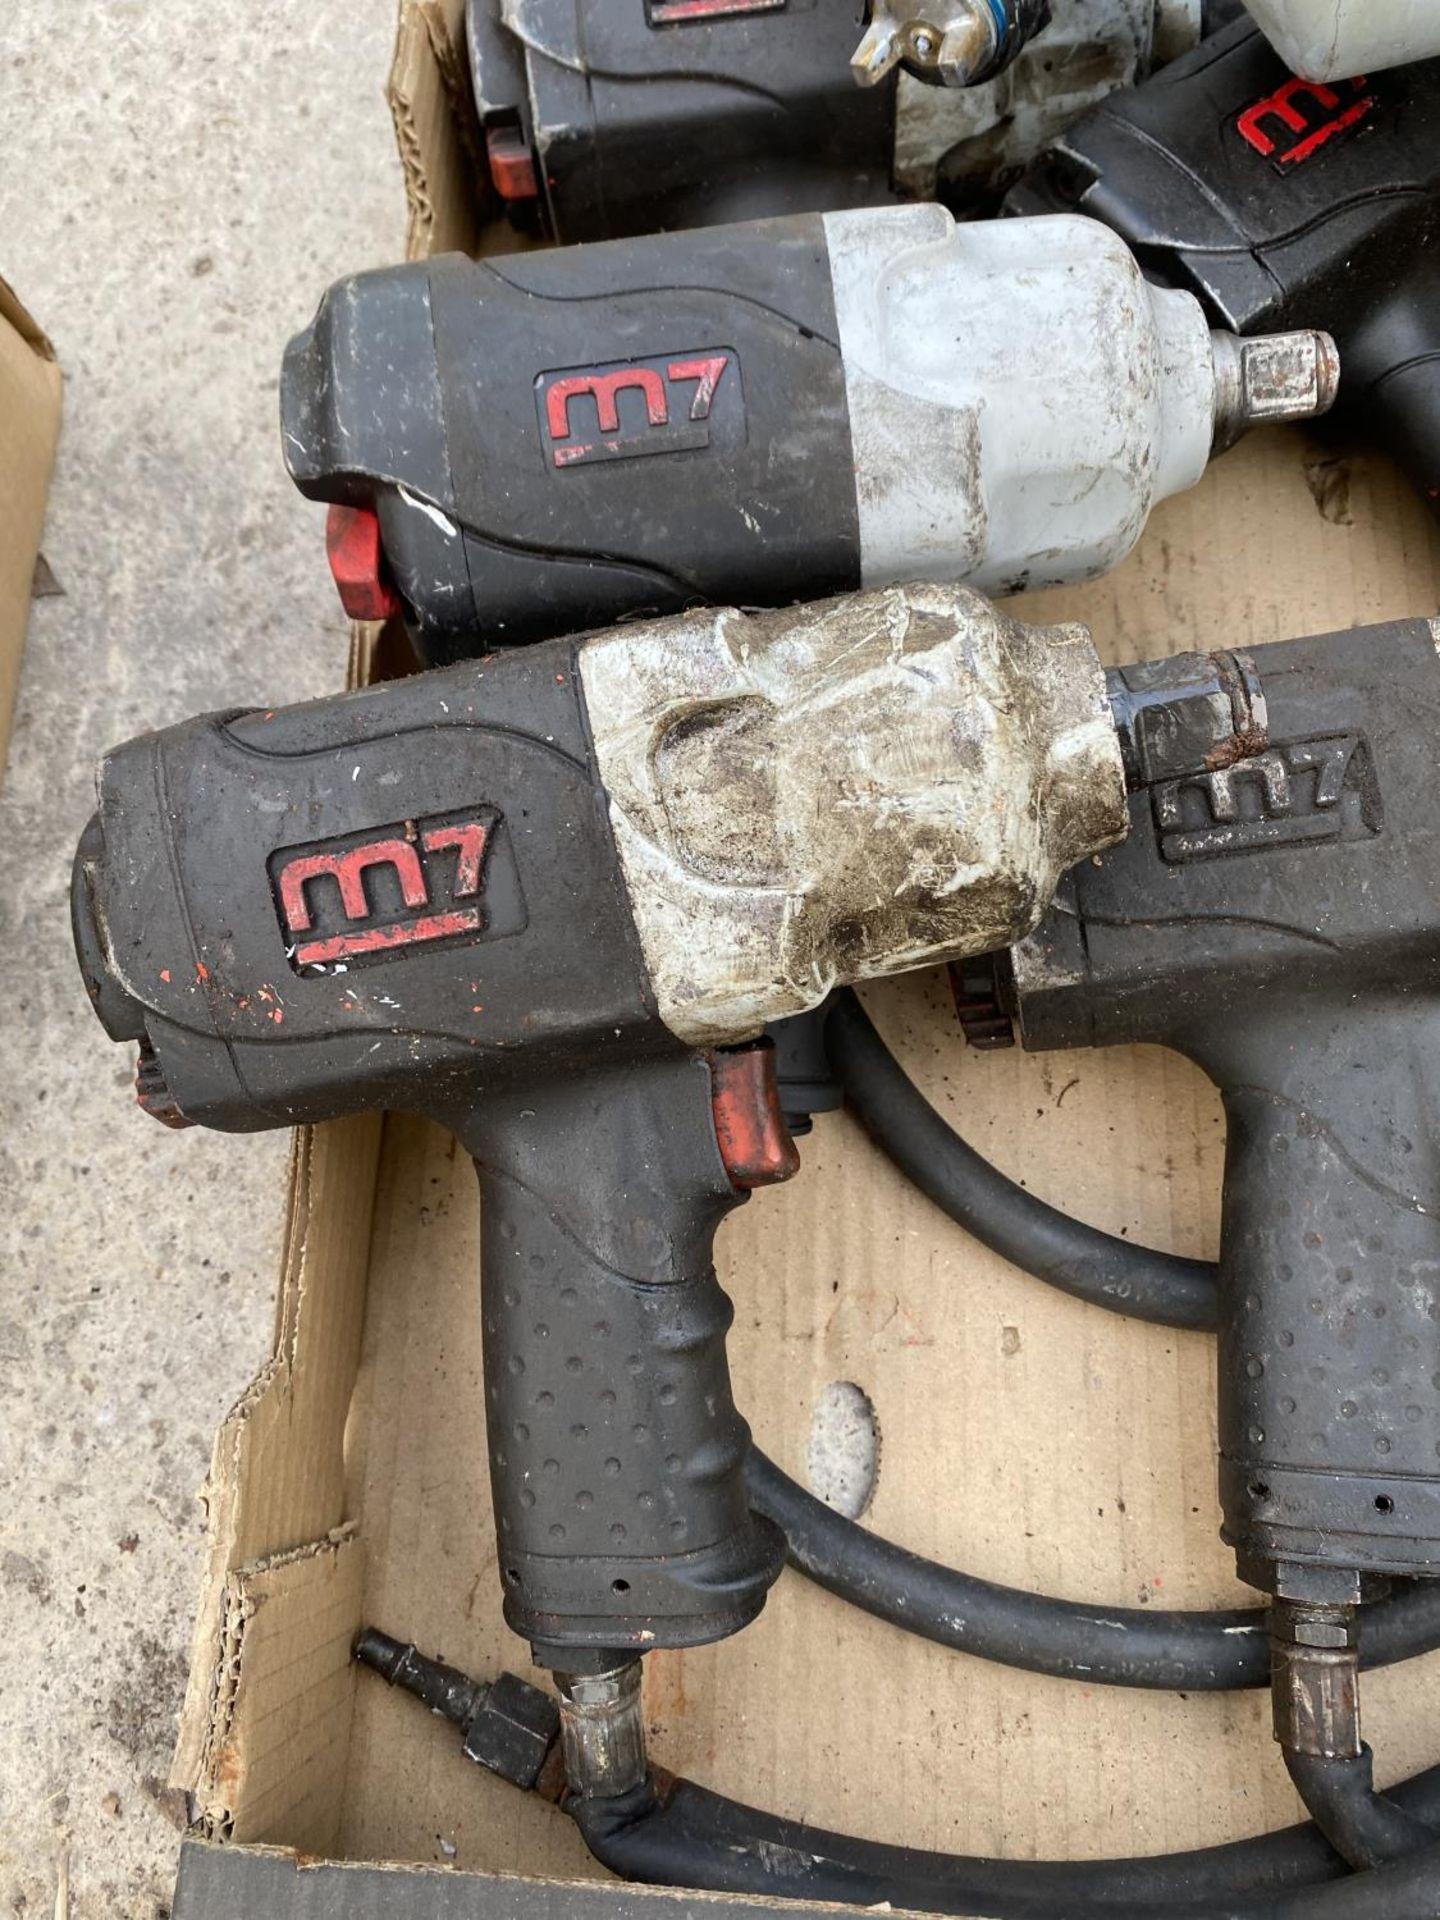 FIVE M7 AIR GUNS - N0 VAT - Image 2 of 5